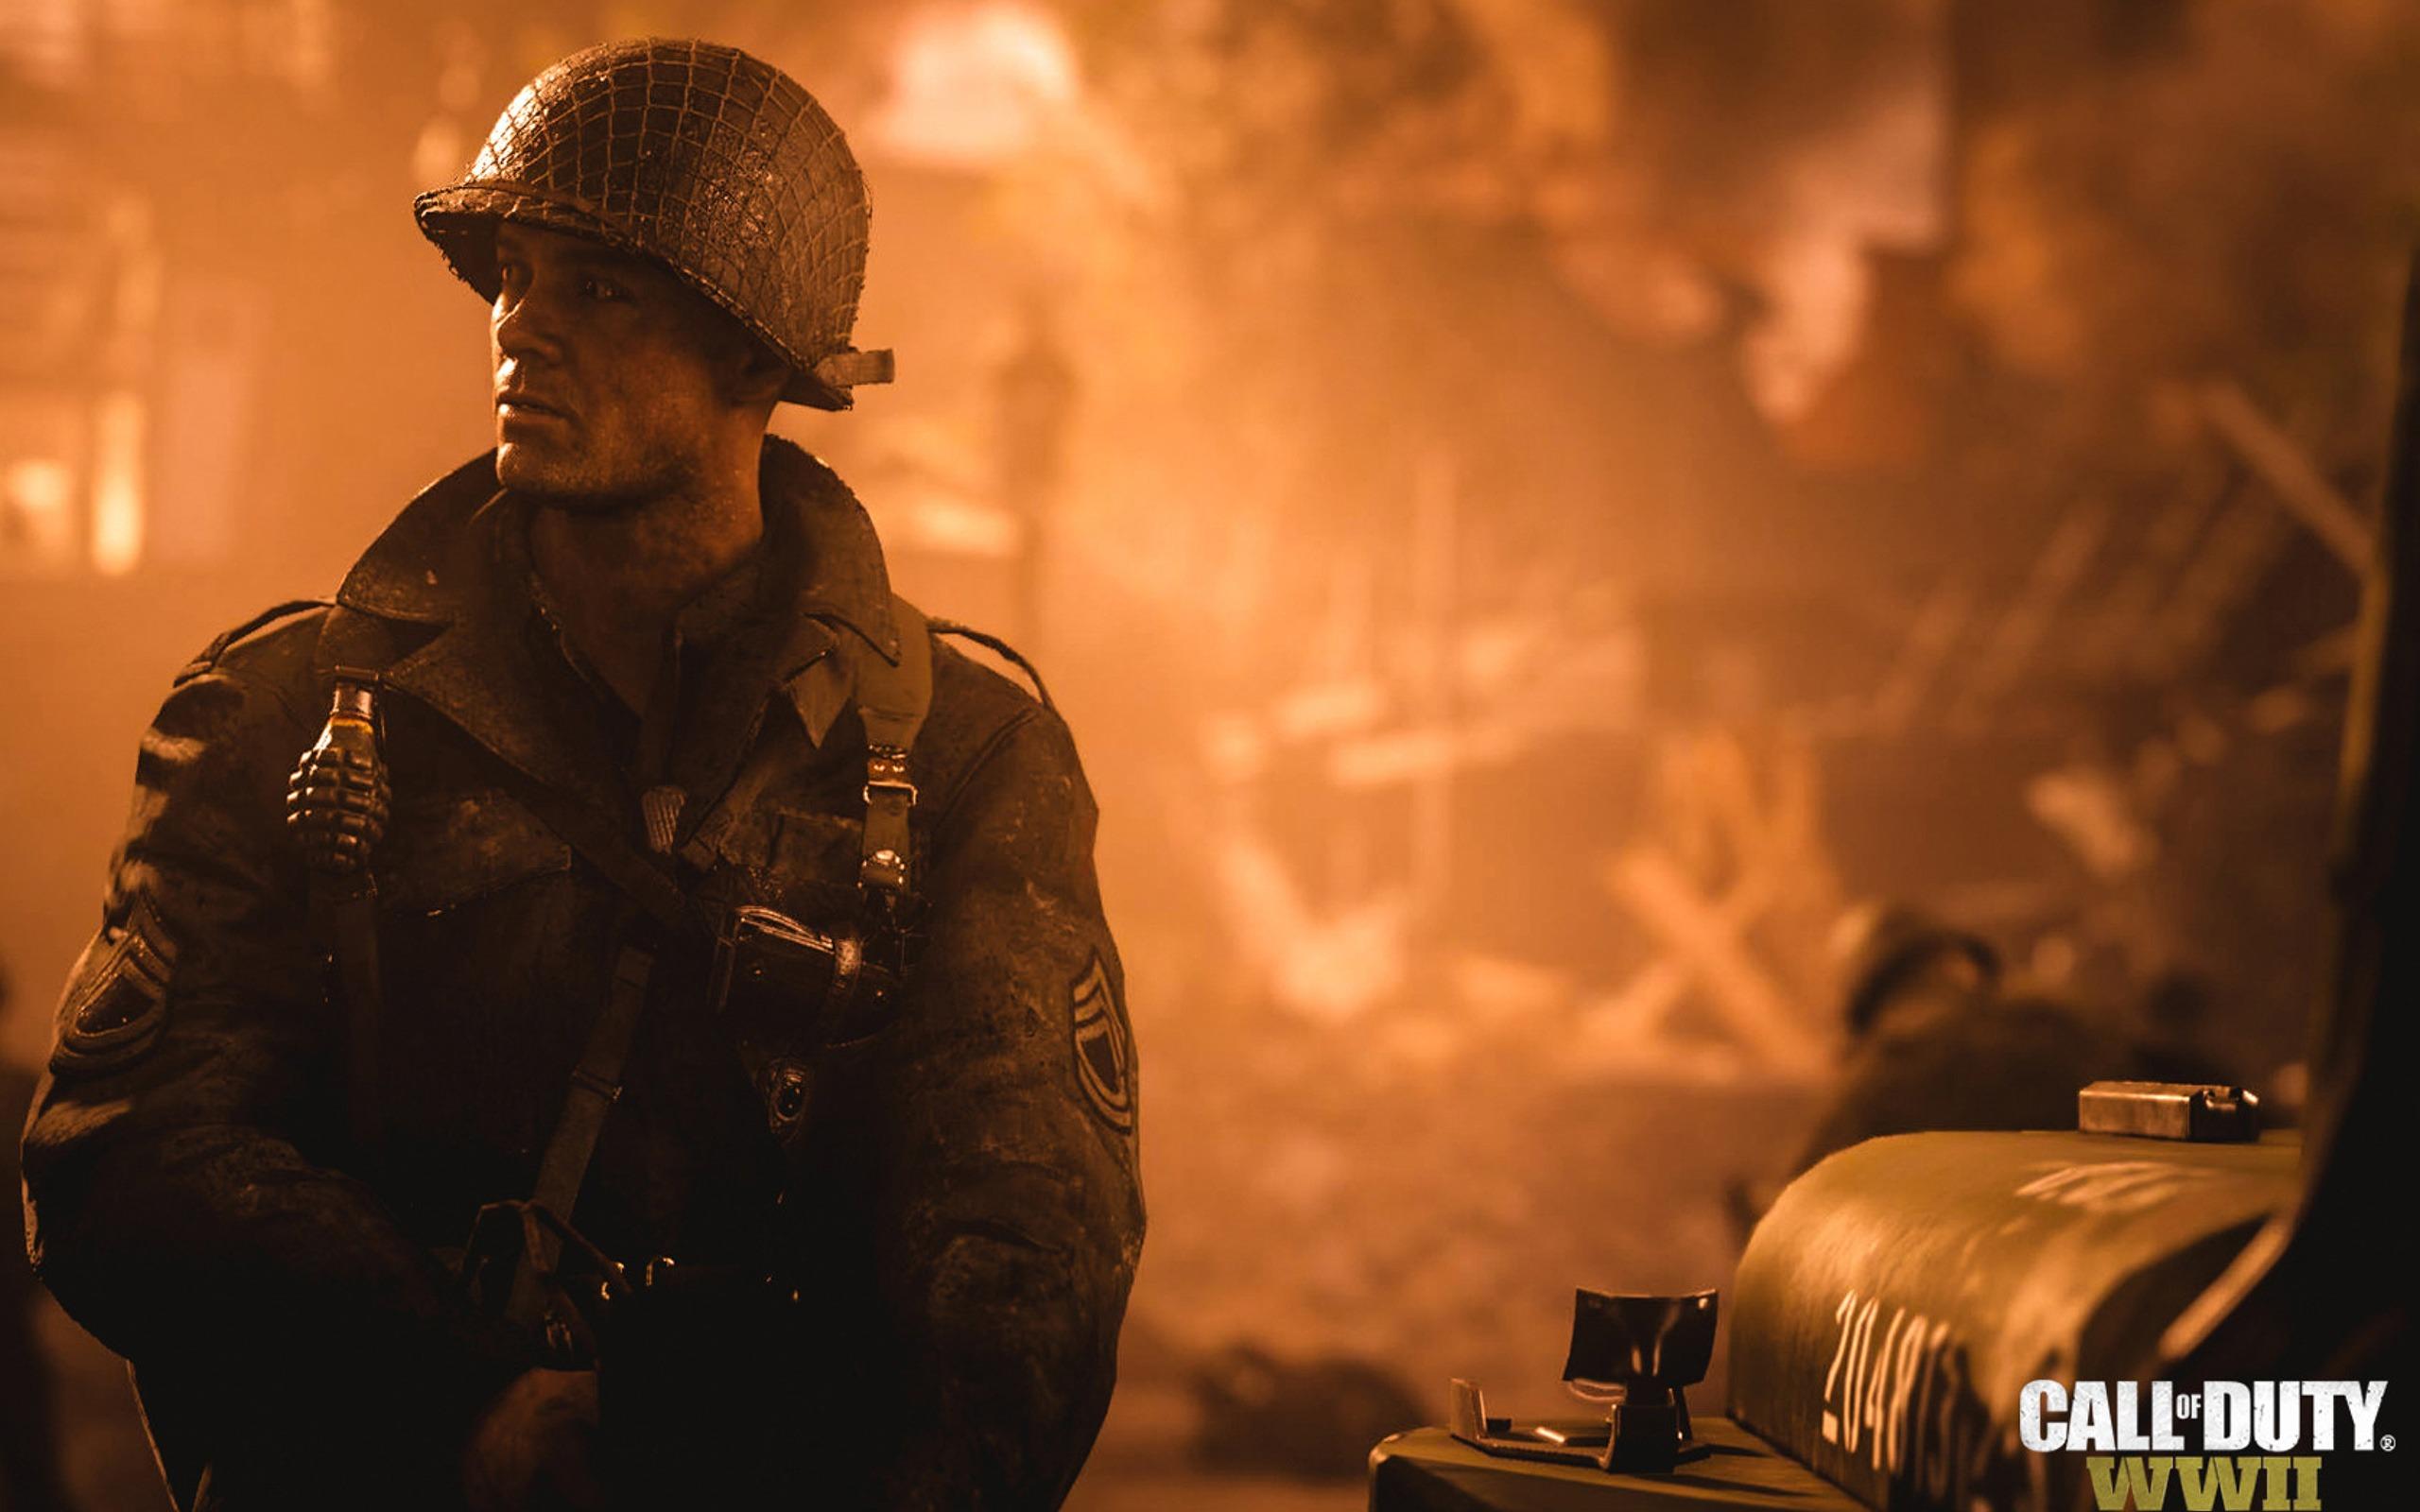 Call Of Duty Ww2 Fond D Ecran Du Jeu 2017 Apercu 10wallpaper Com